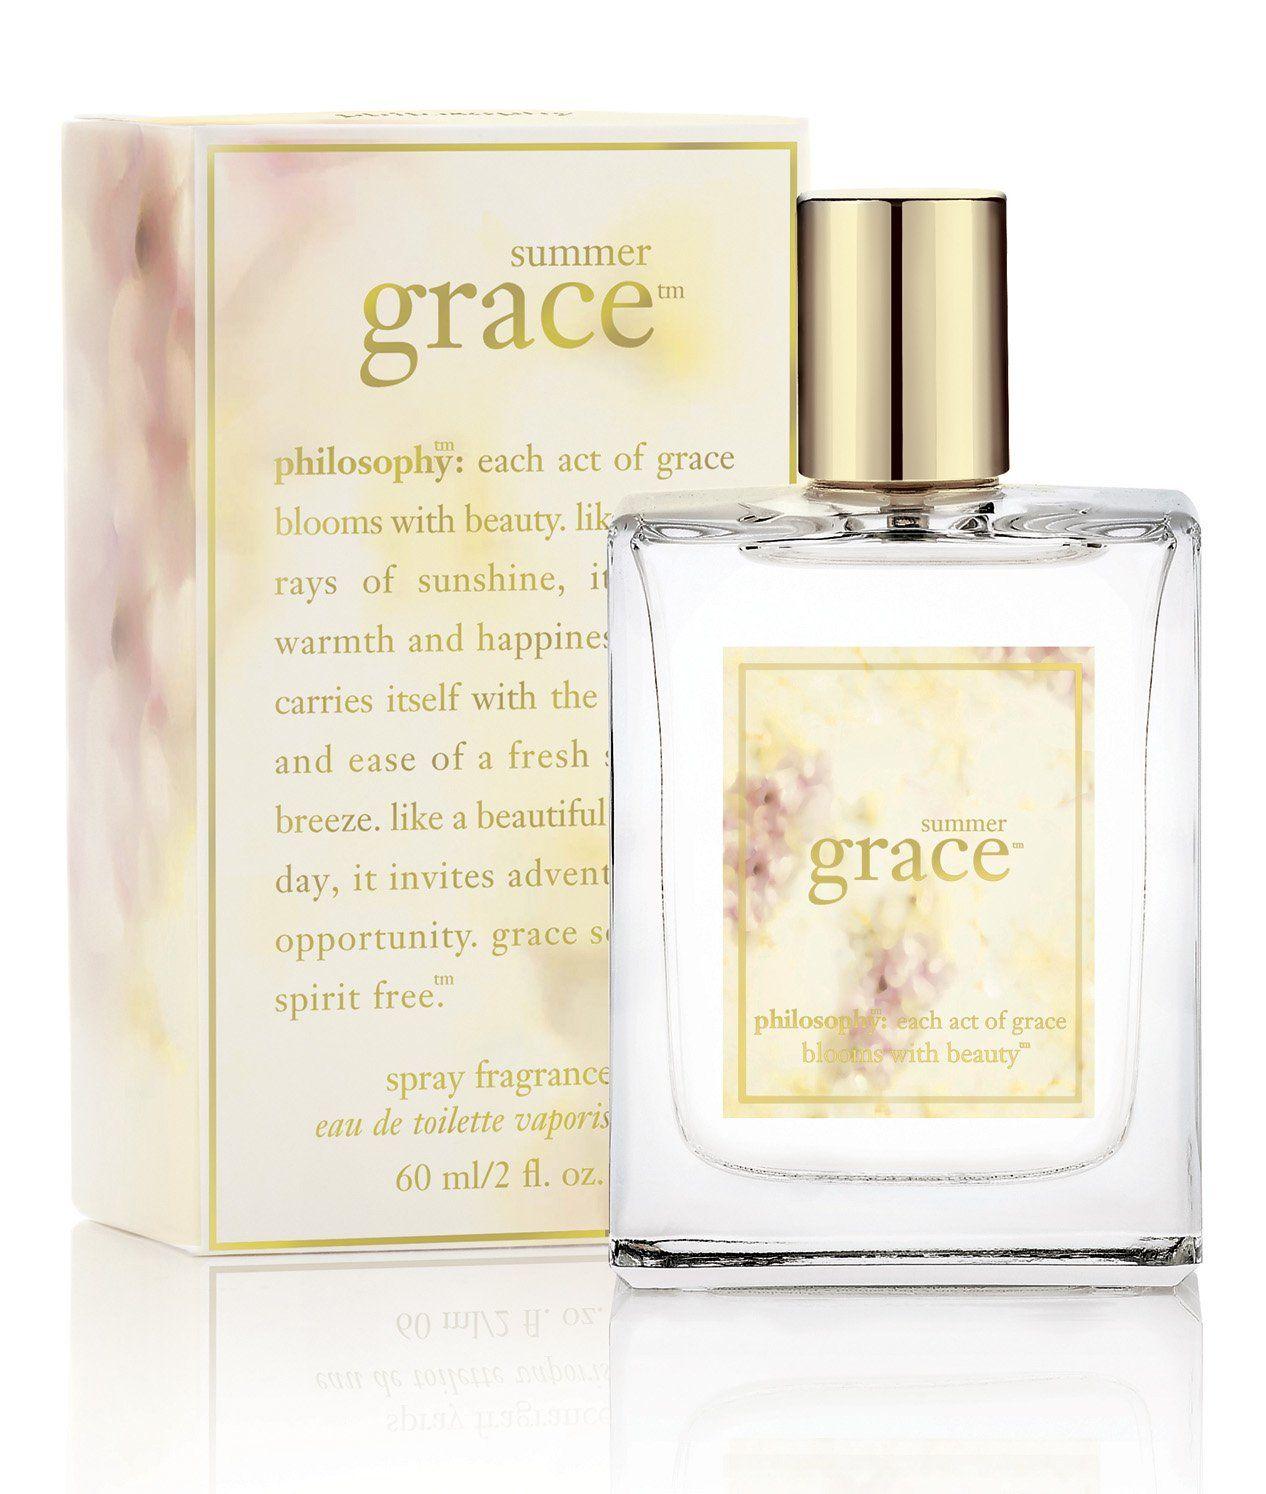 Philosophy Amazing Grace Summer Grace Fragrance Fragrance Spray Philosophy Amazing Grace Fragrance